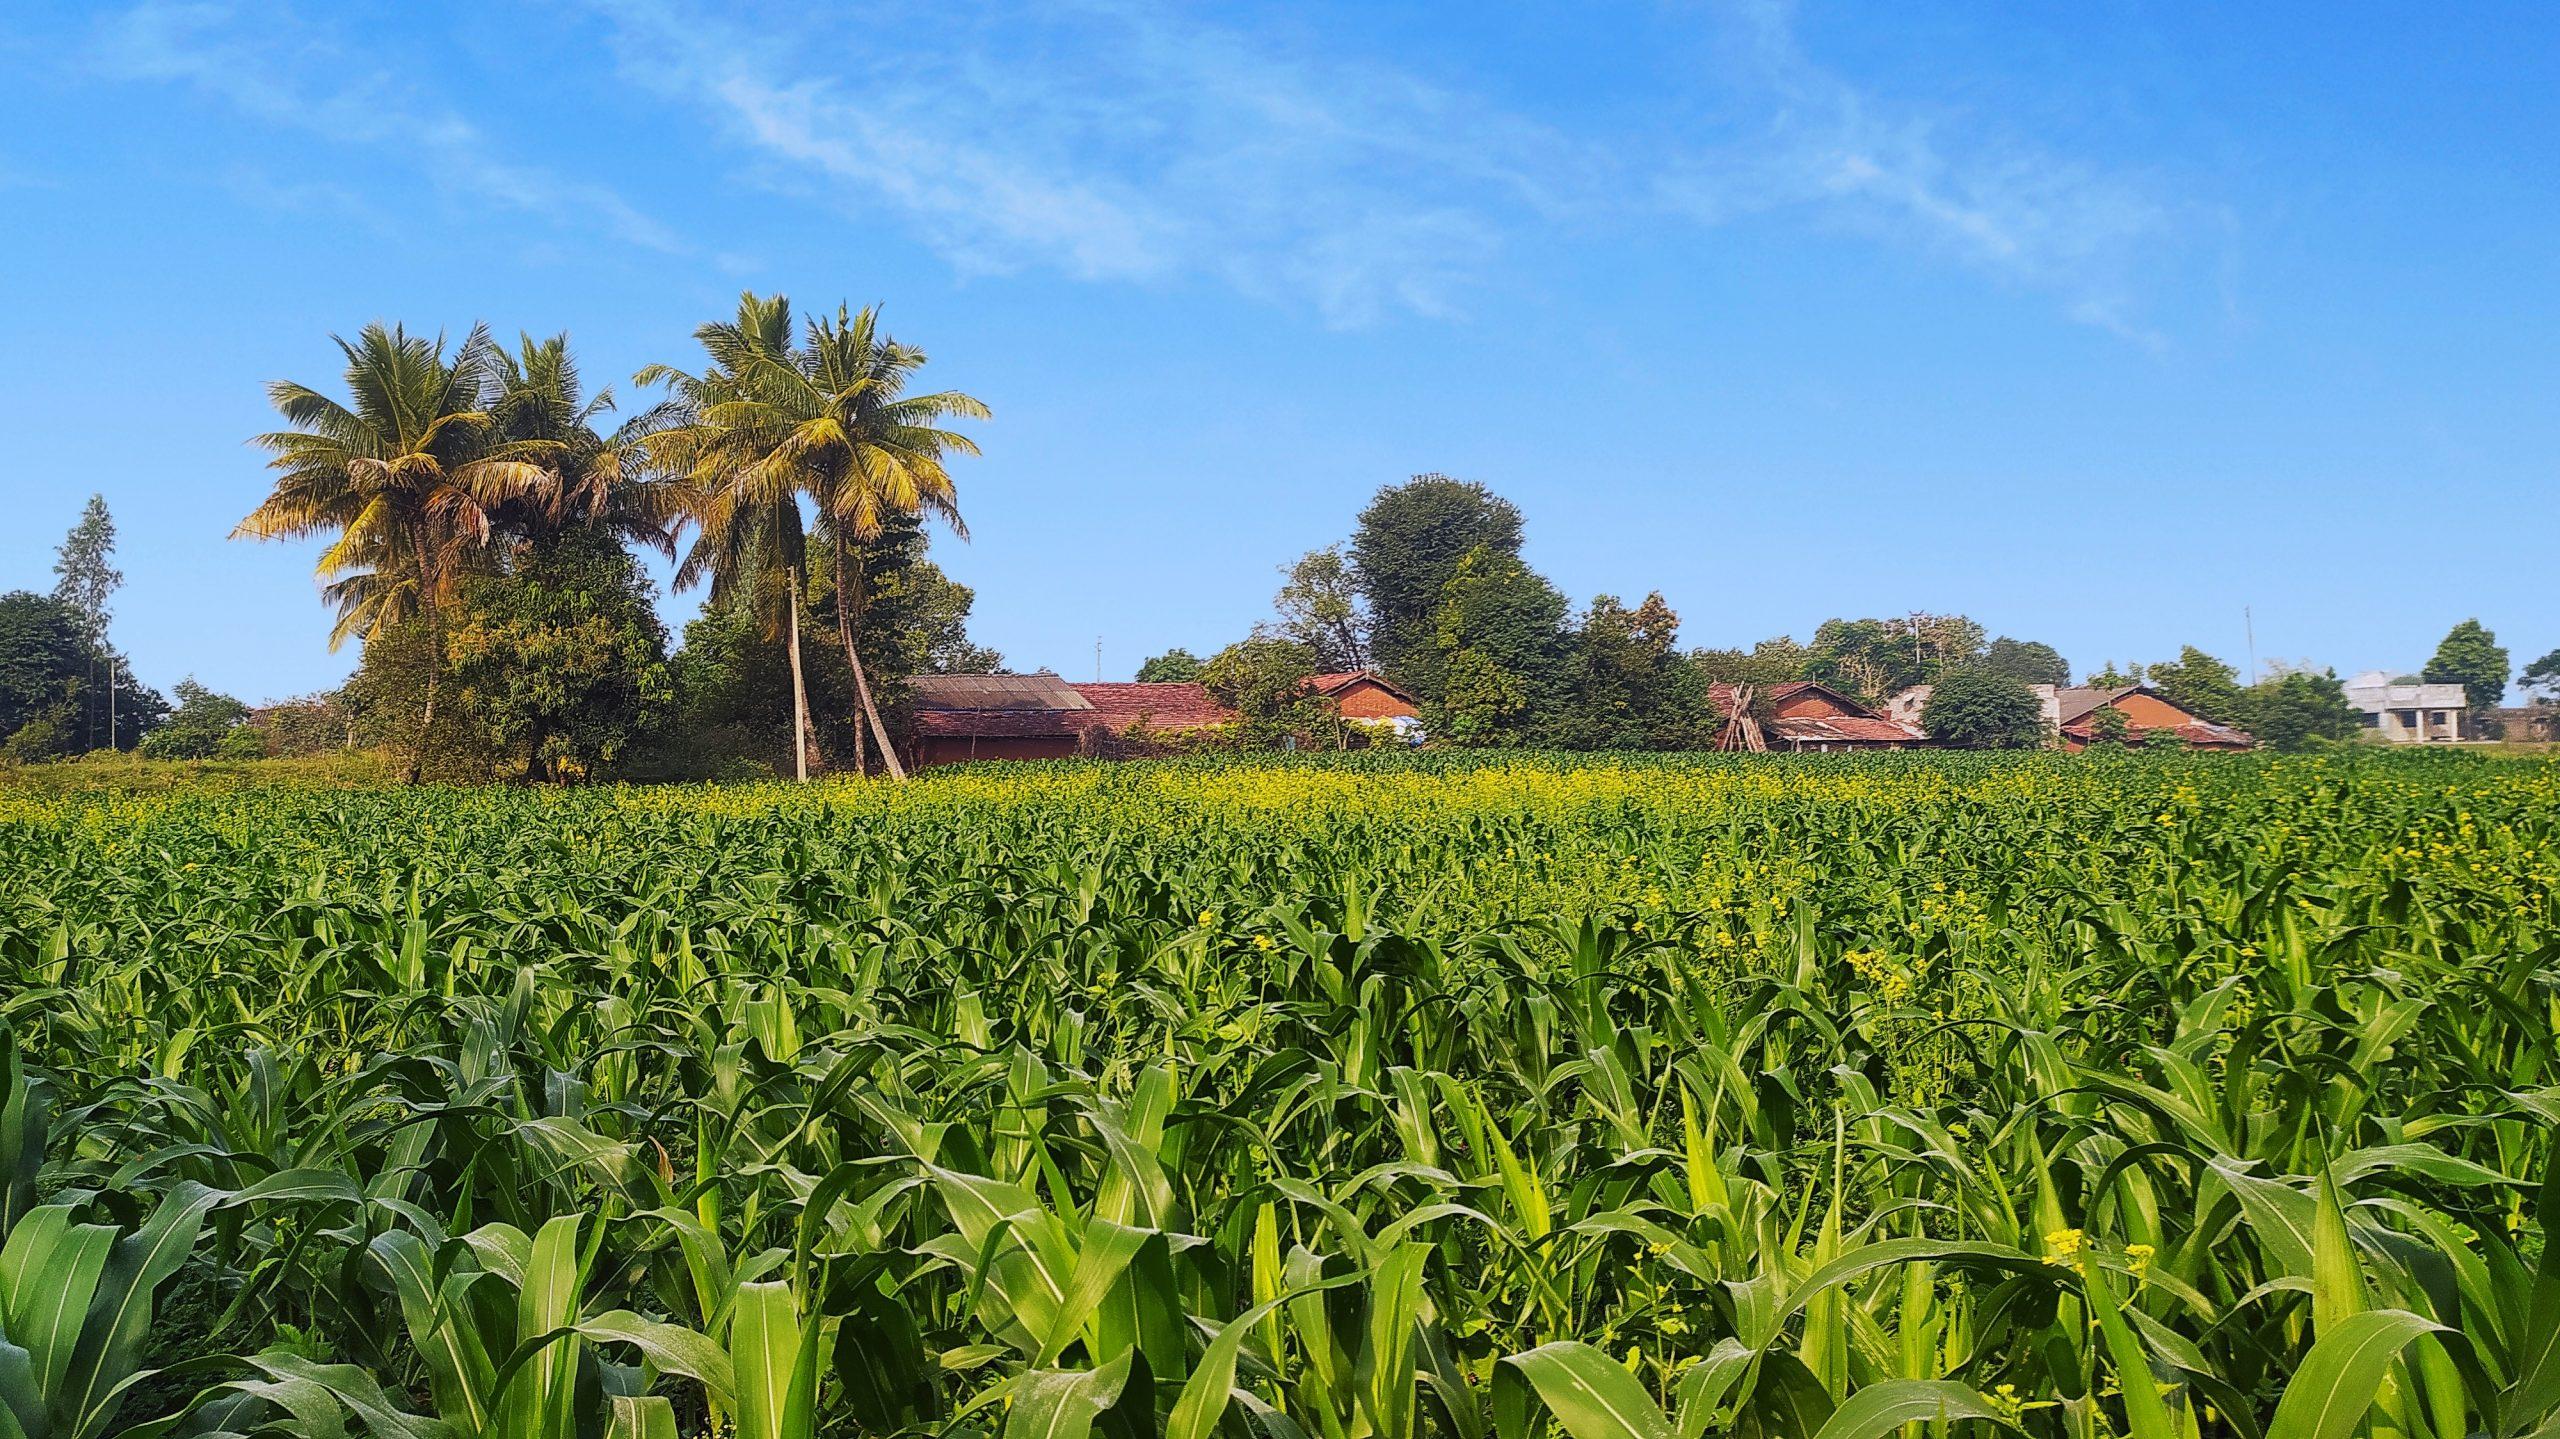 Maize plants field